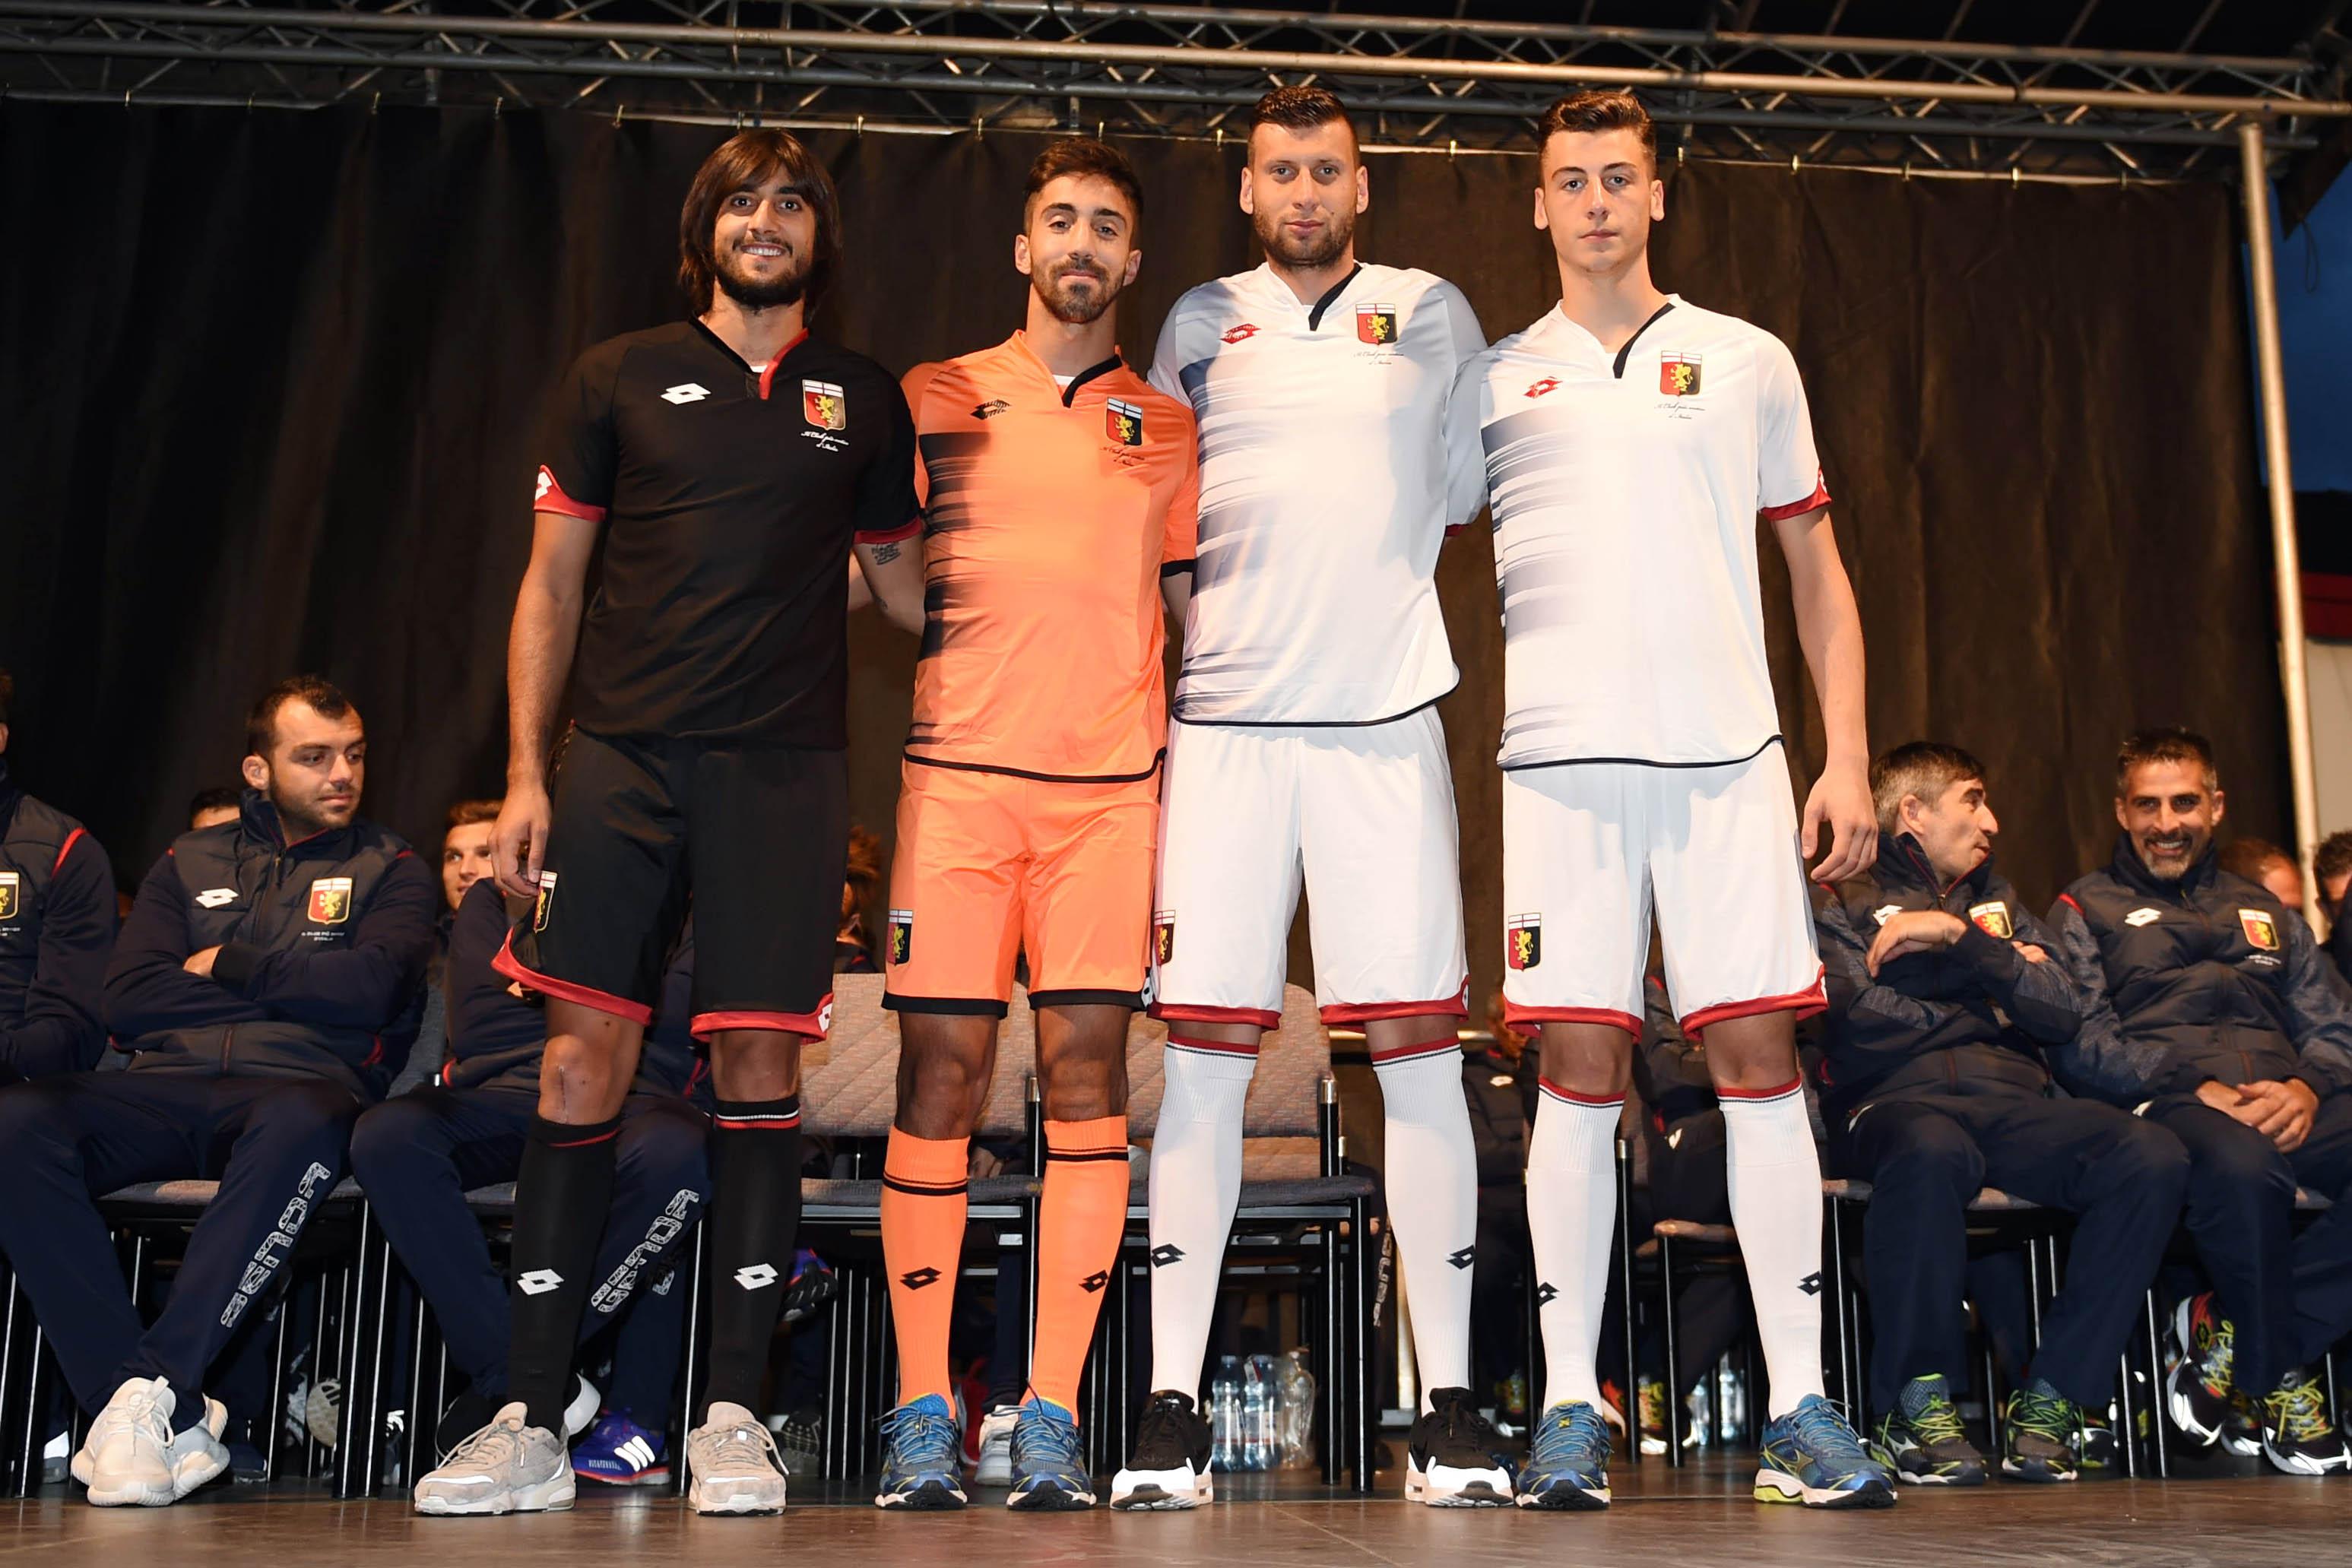 Lotto Sport Italia présente les nouveaux maillots du Genoa CFC 2016 - 2017